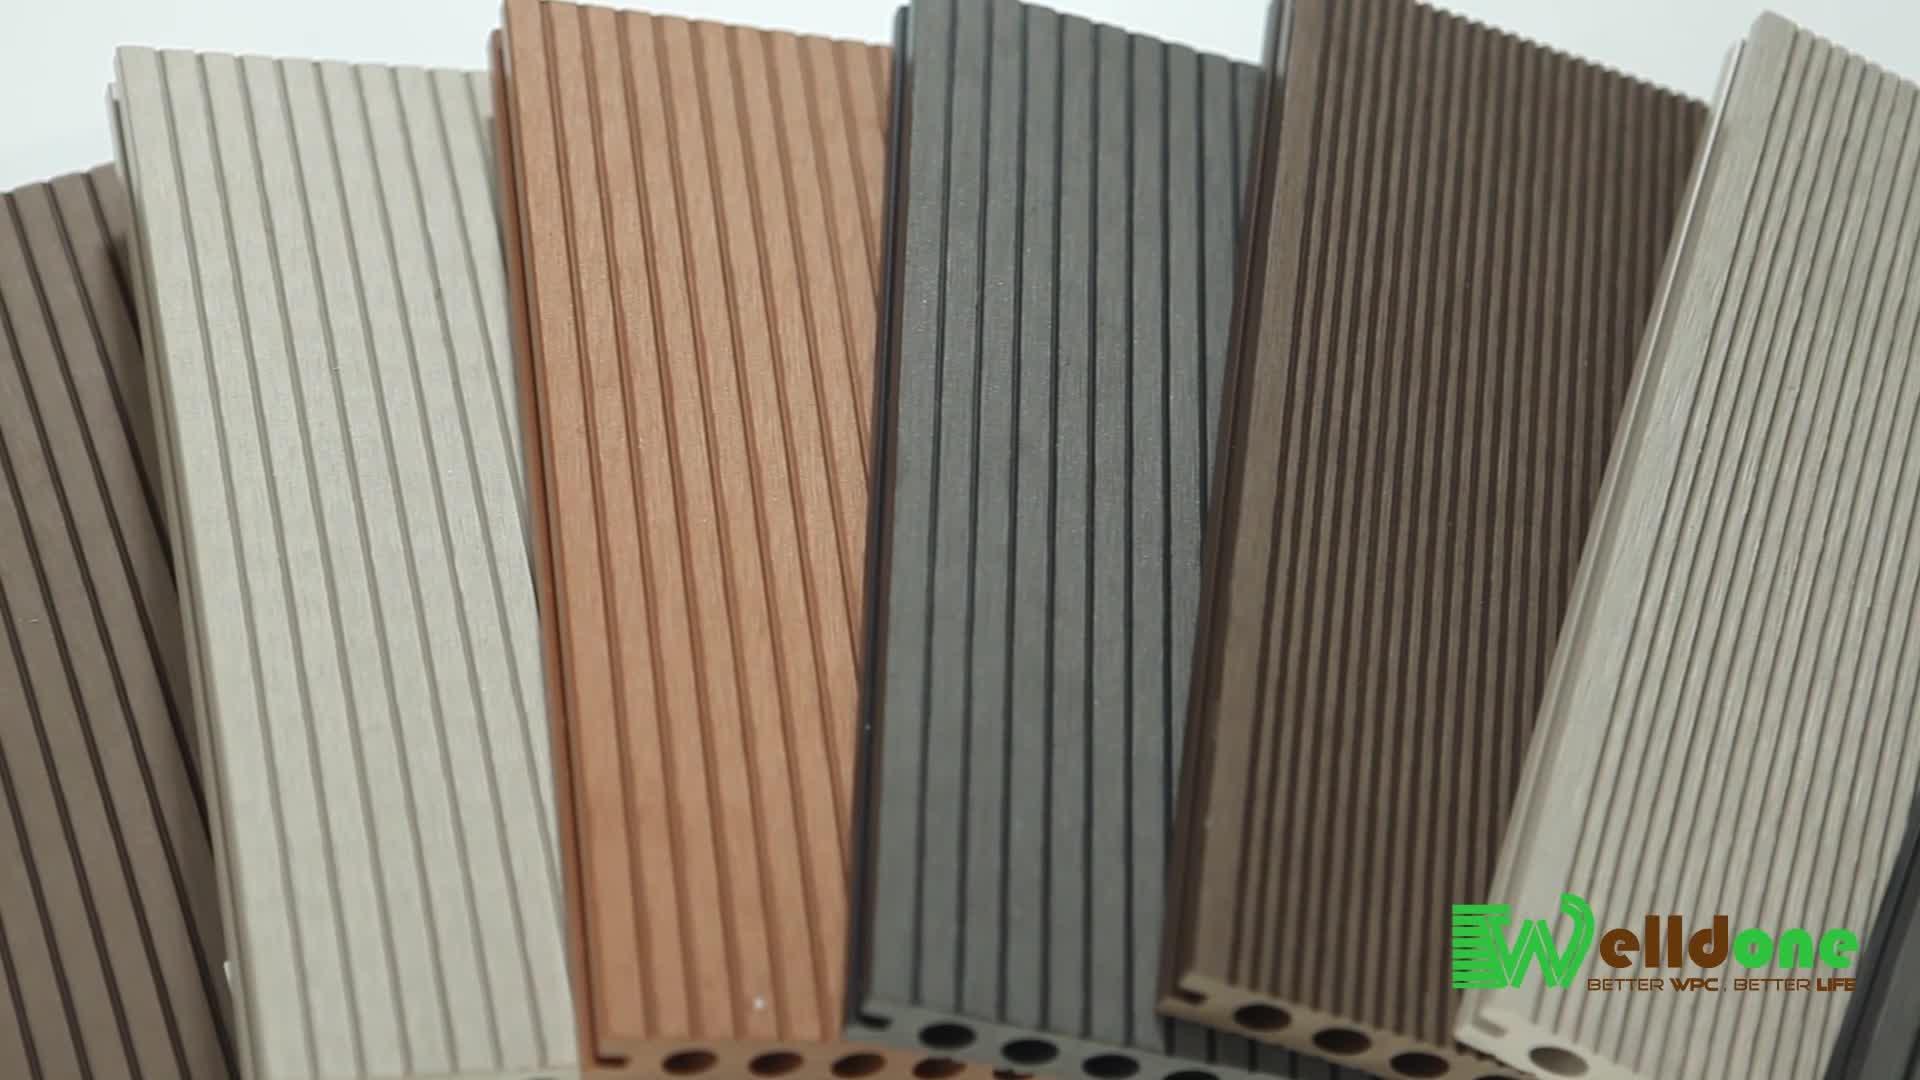 Anti scratch hout look vinyl floor beste verkopen hout kunststoffen composiet yoga vloeren waterdichte buitenkant hout plastic patio tegel